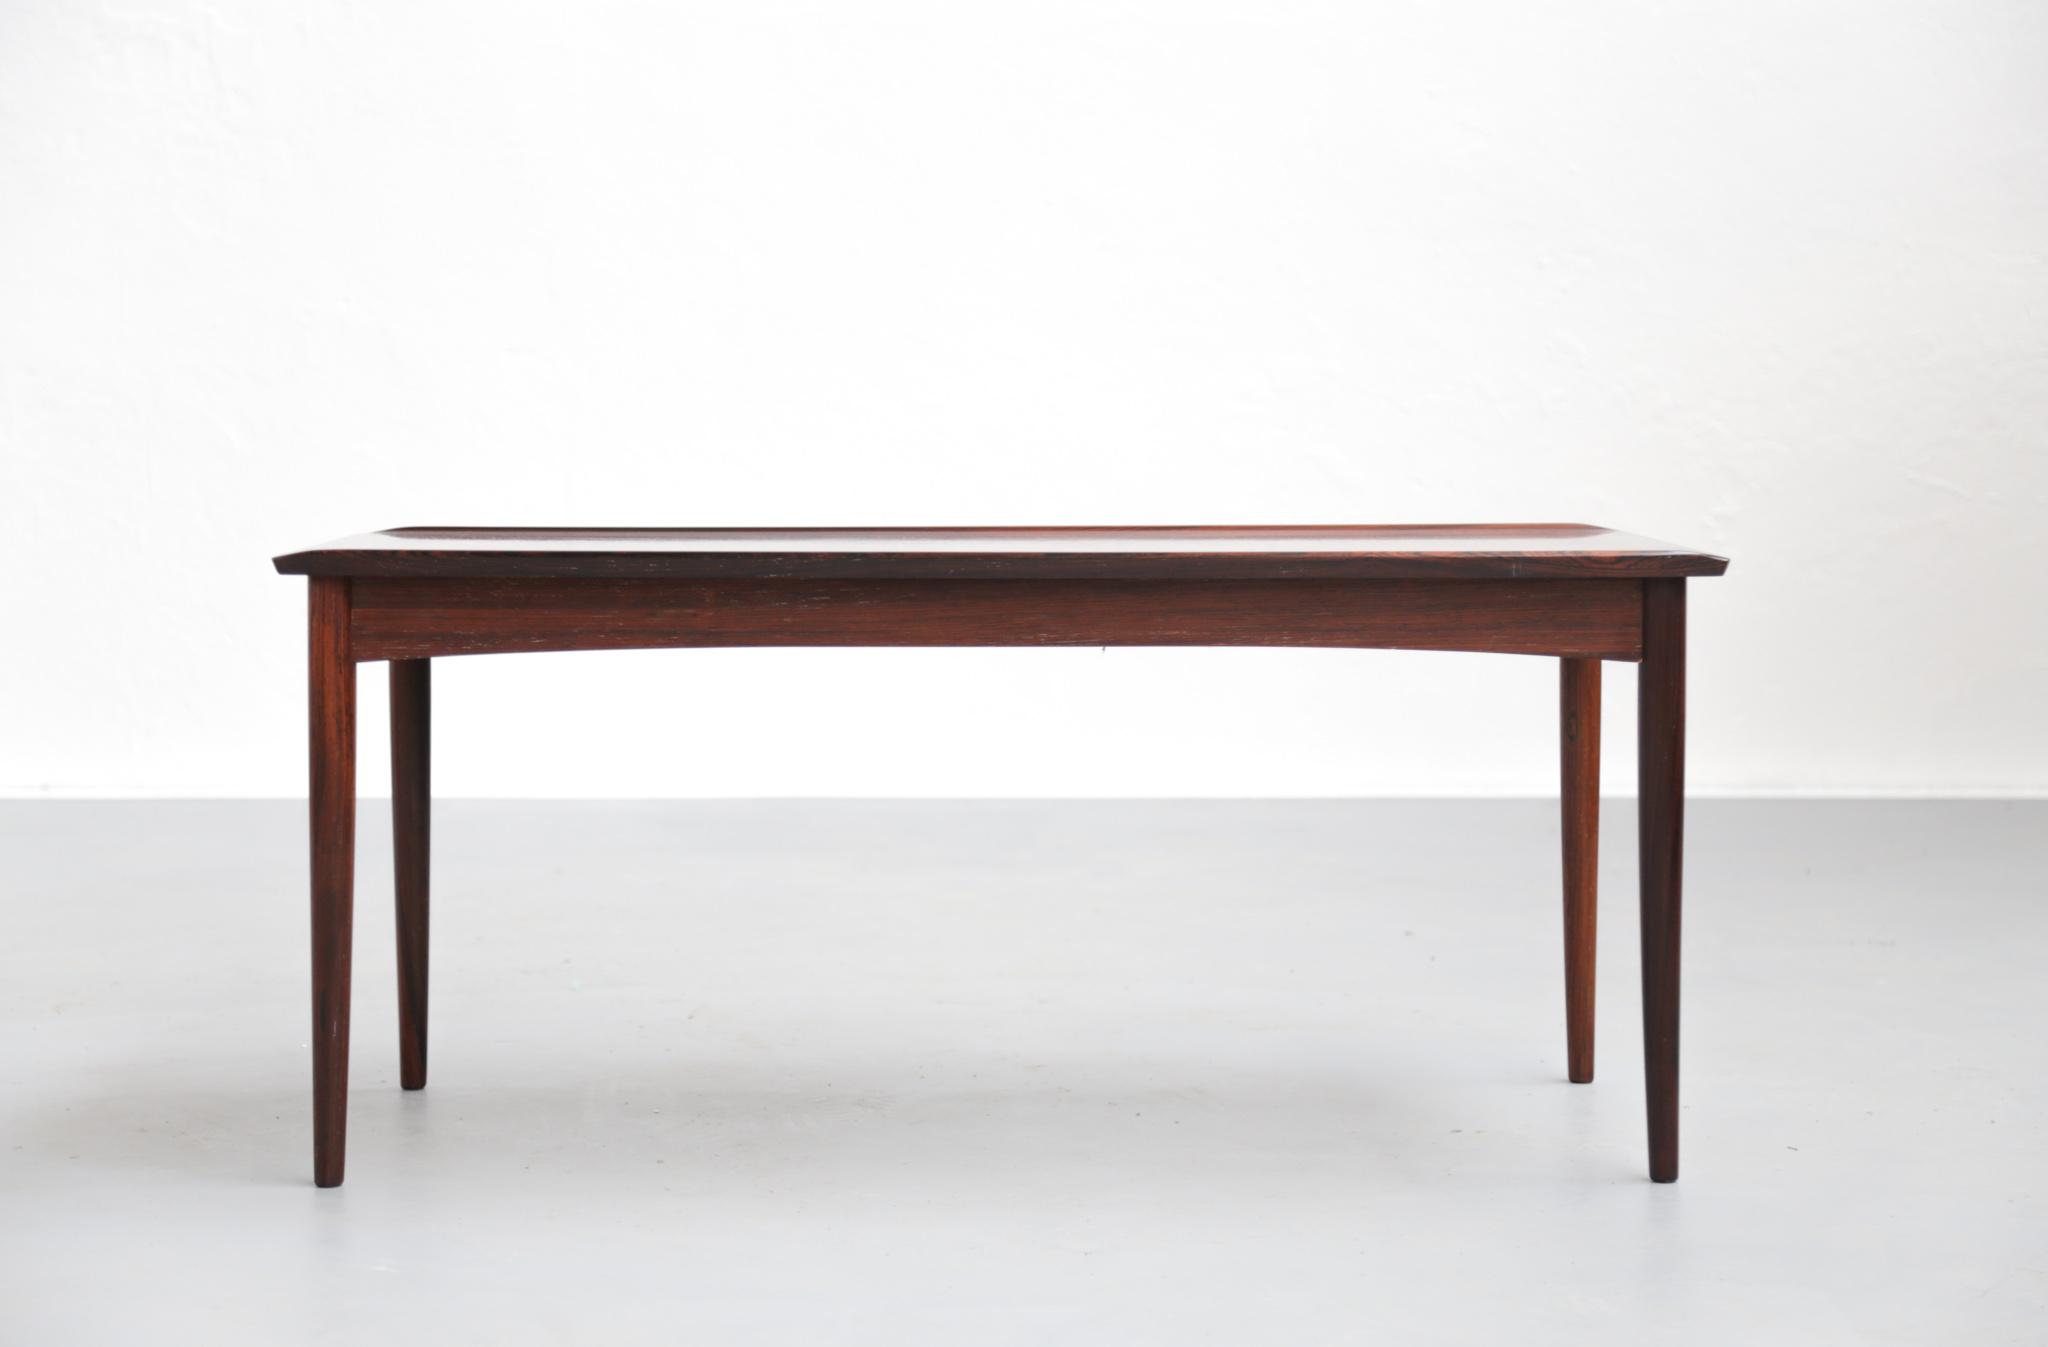 petite table basse danoise en palissandre de rio. Black Bedroom Furniture Sets. Home Design Ideas